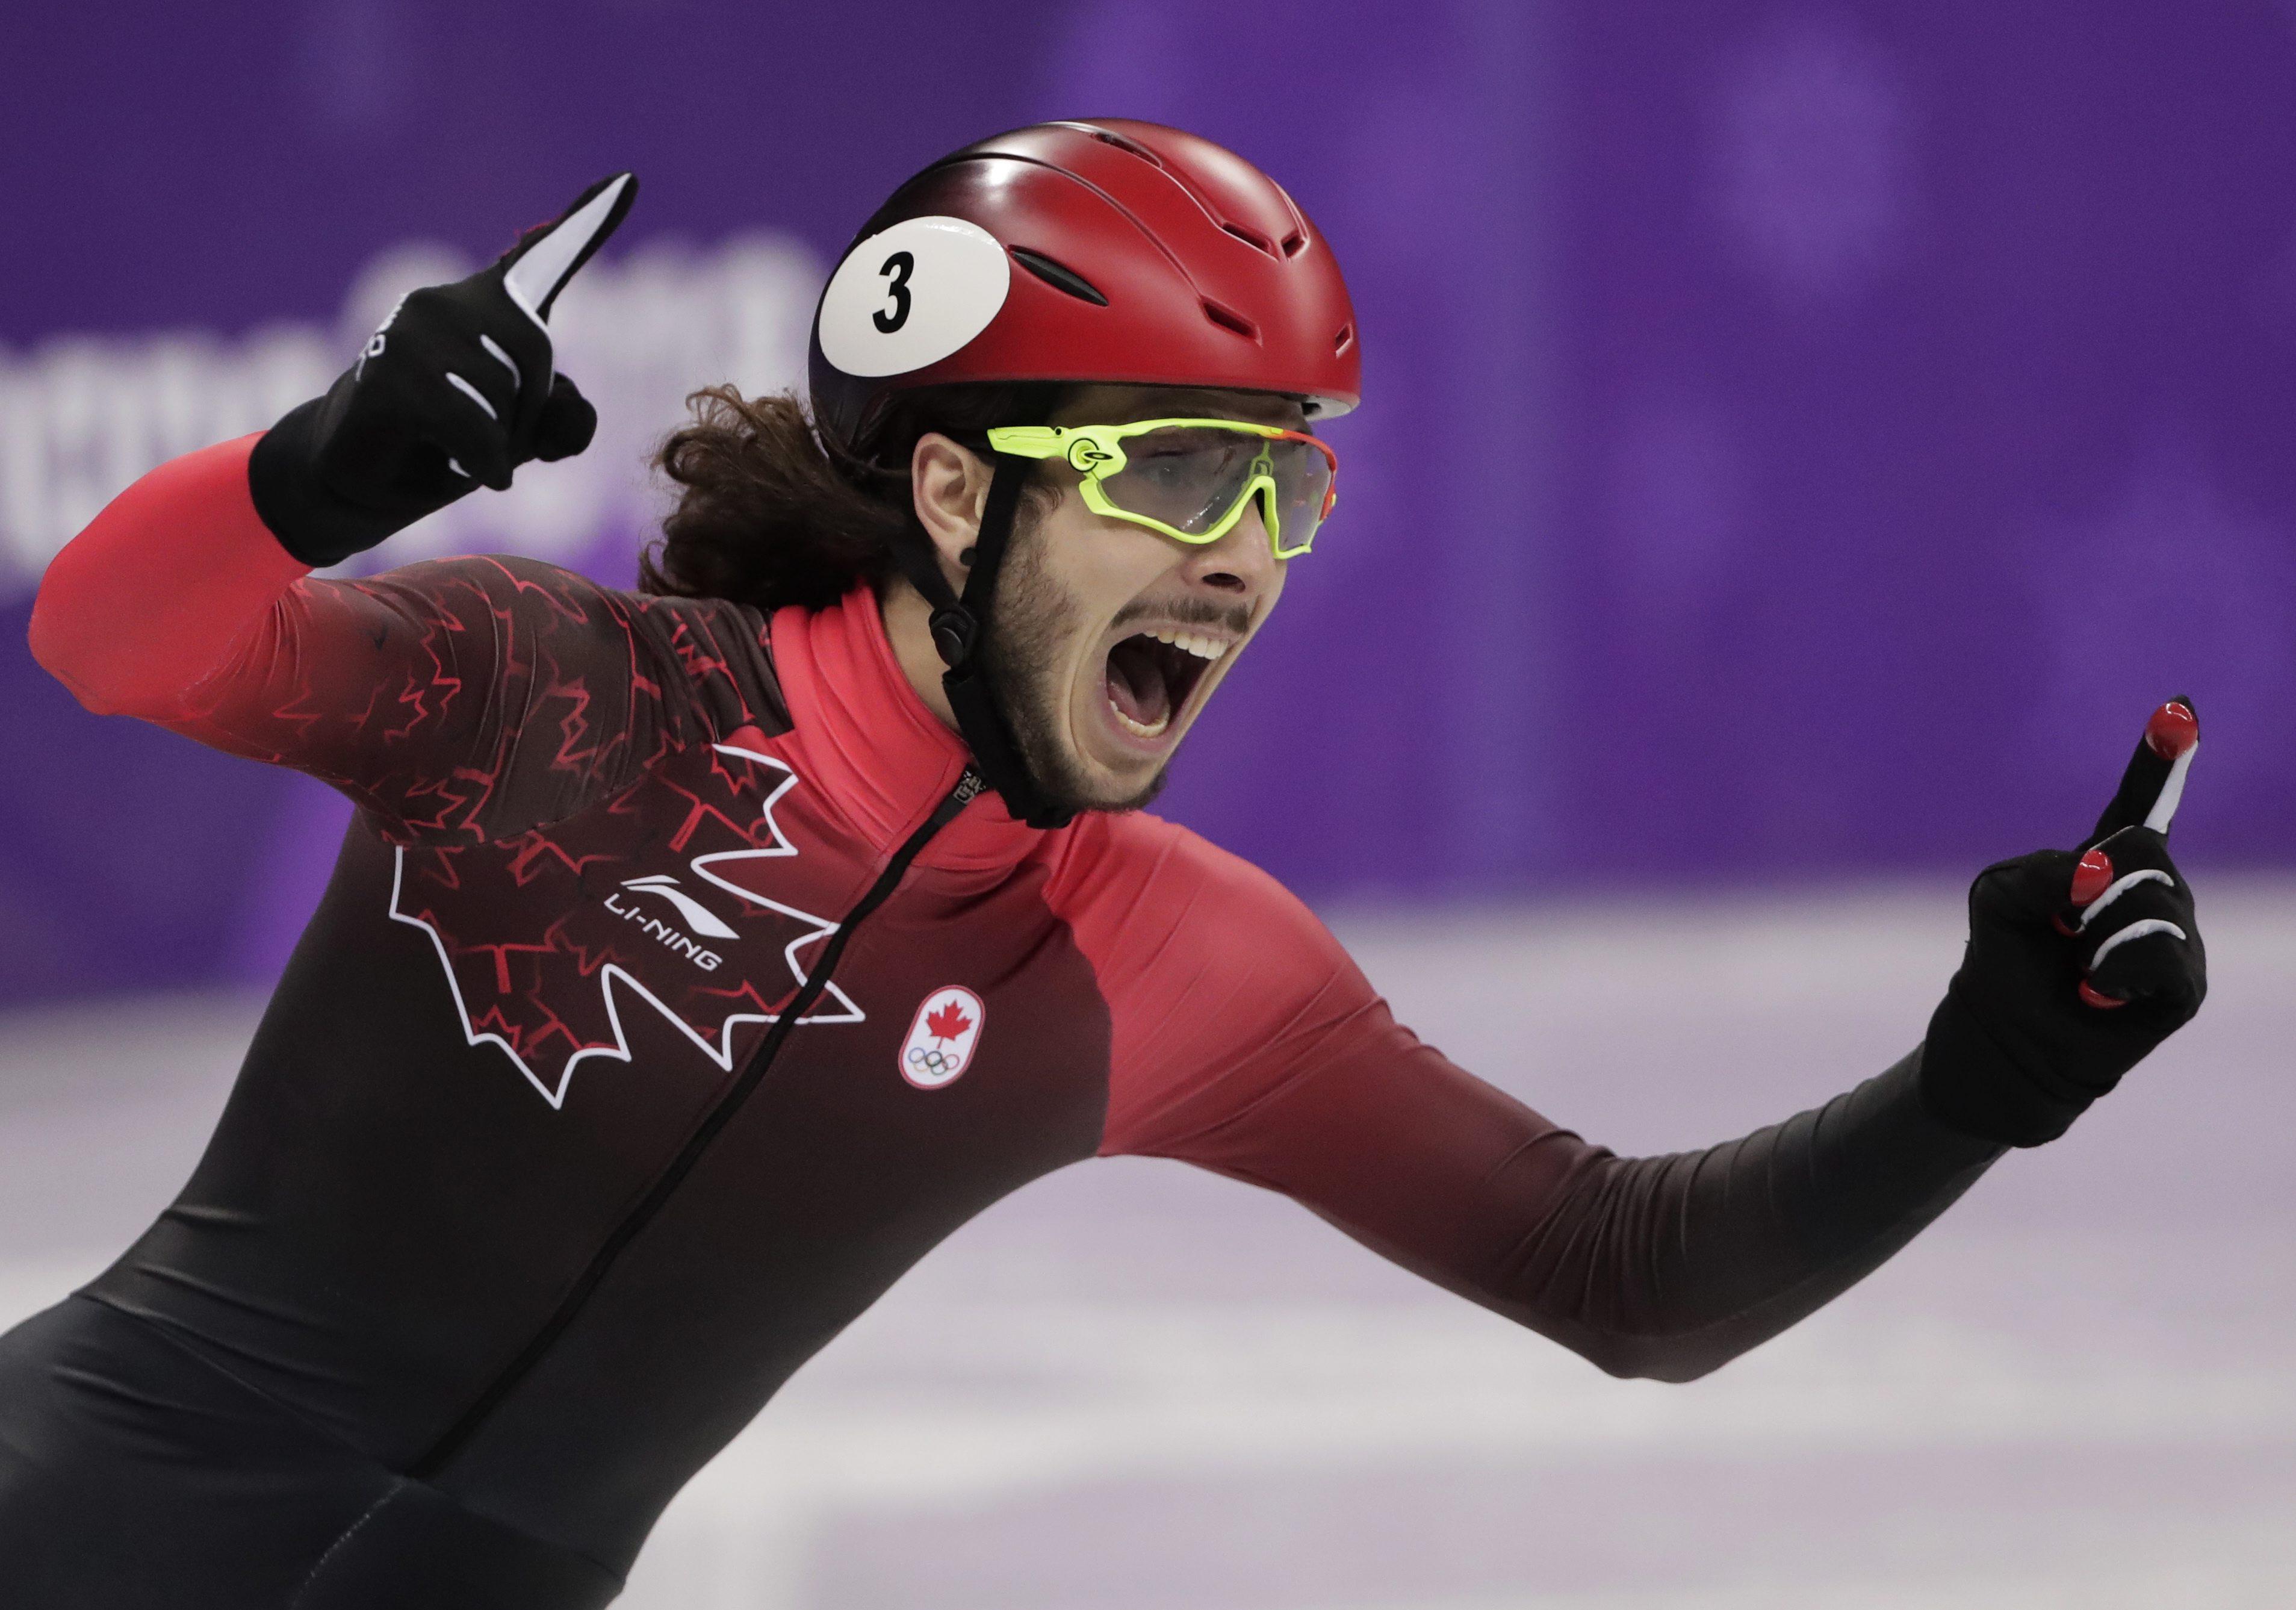 Winter Olympics results: Short track speed skating men's 1000m